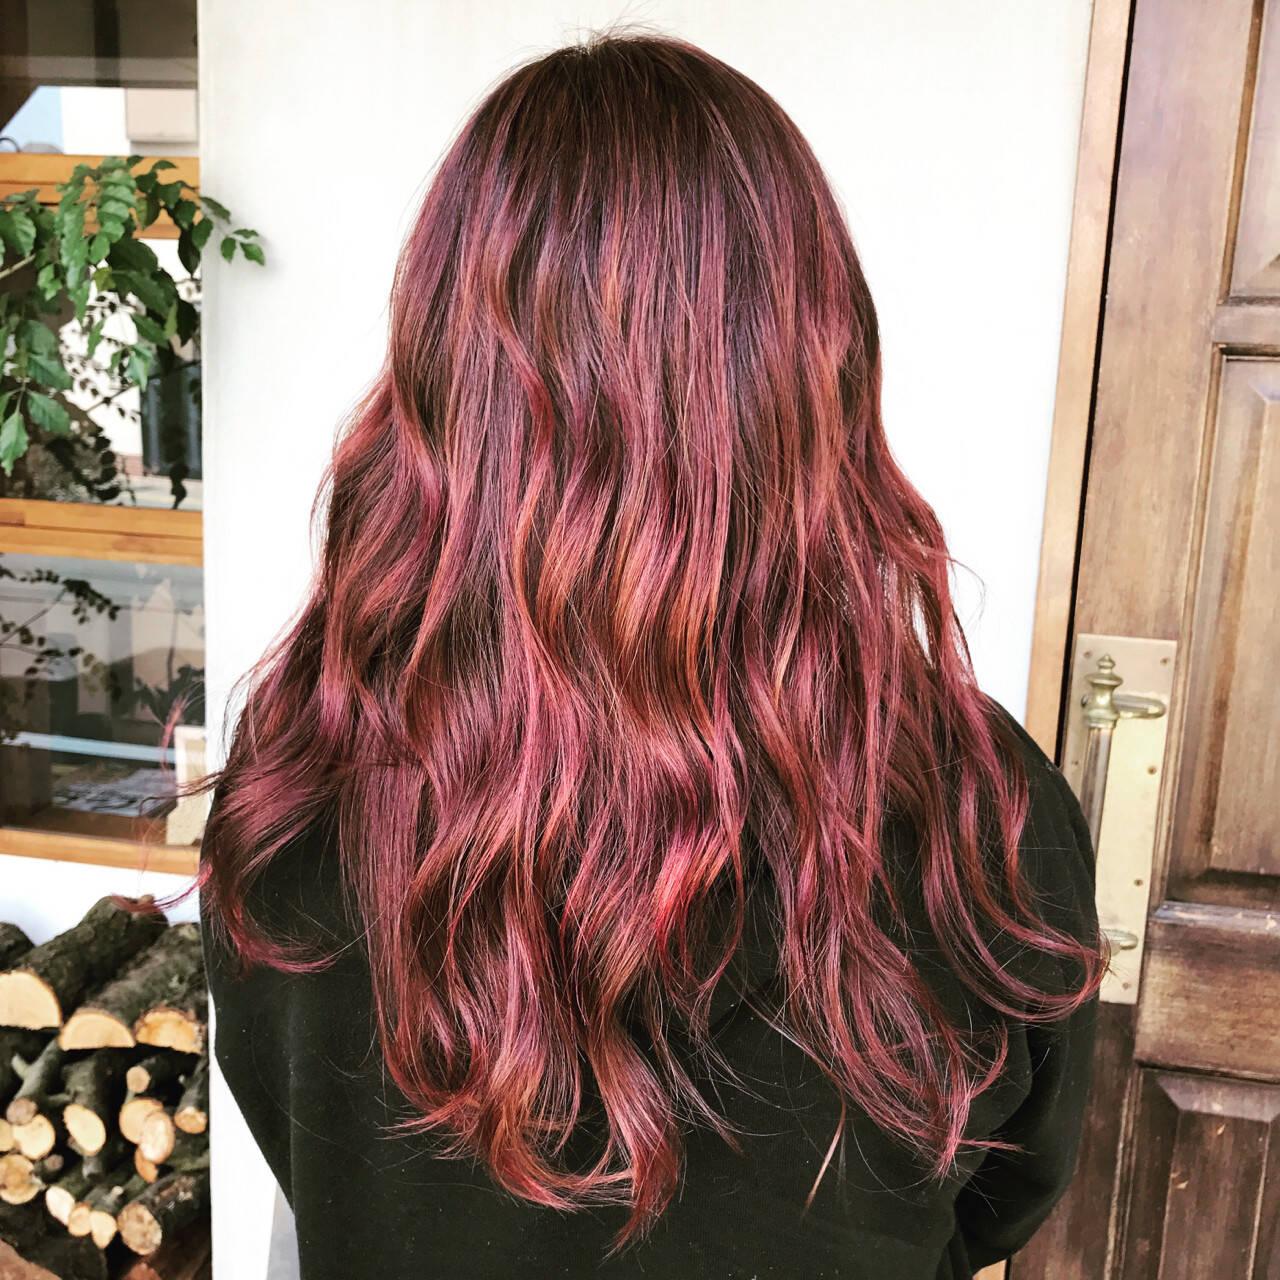 ピンク ハイライト ロング ダブルカラーヘアスタイルや髪型の写真・画像